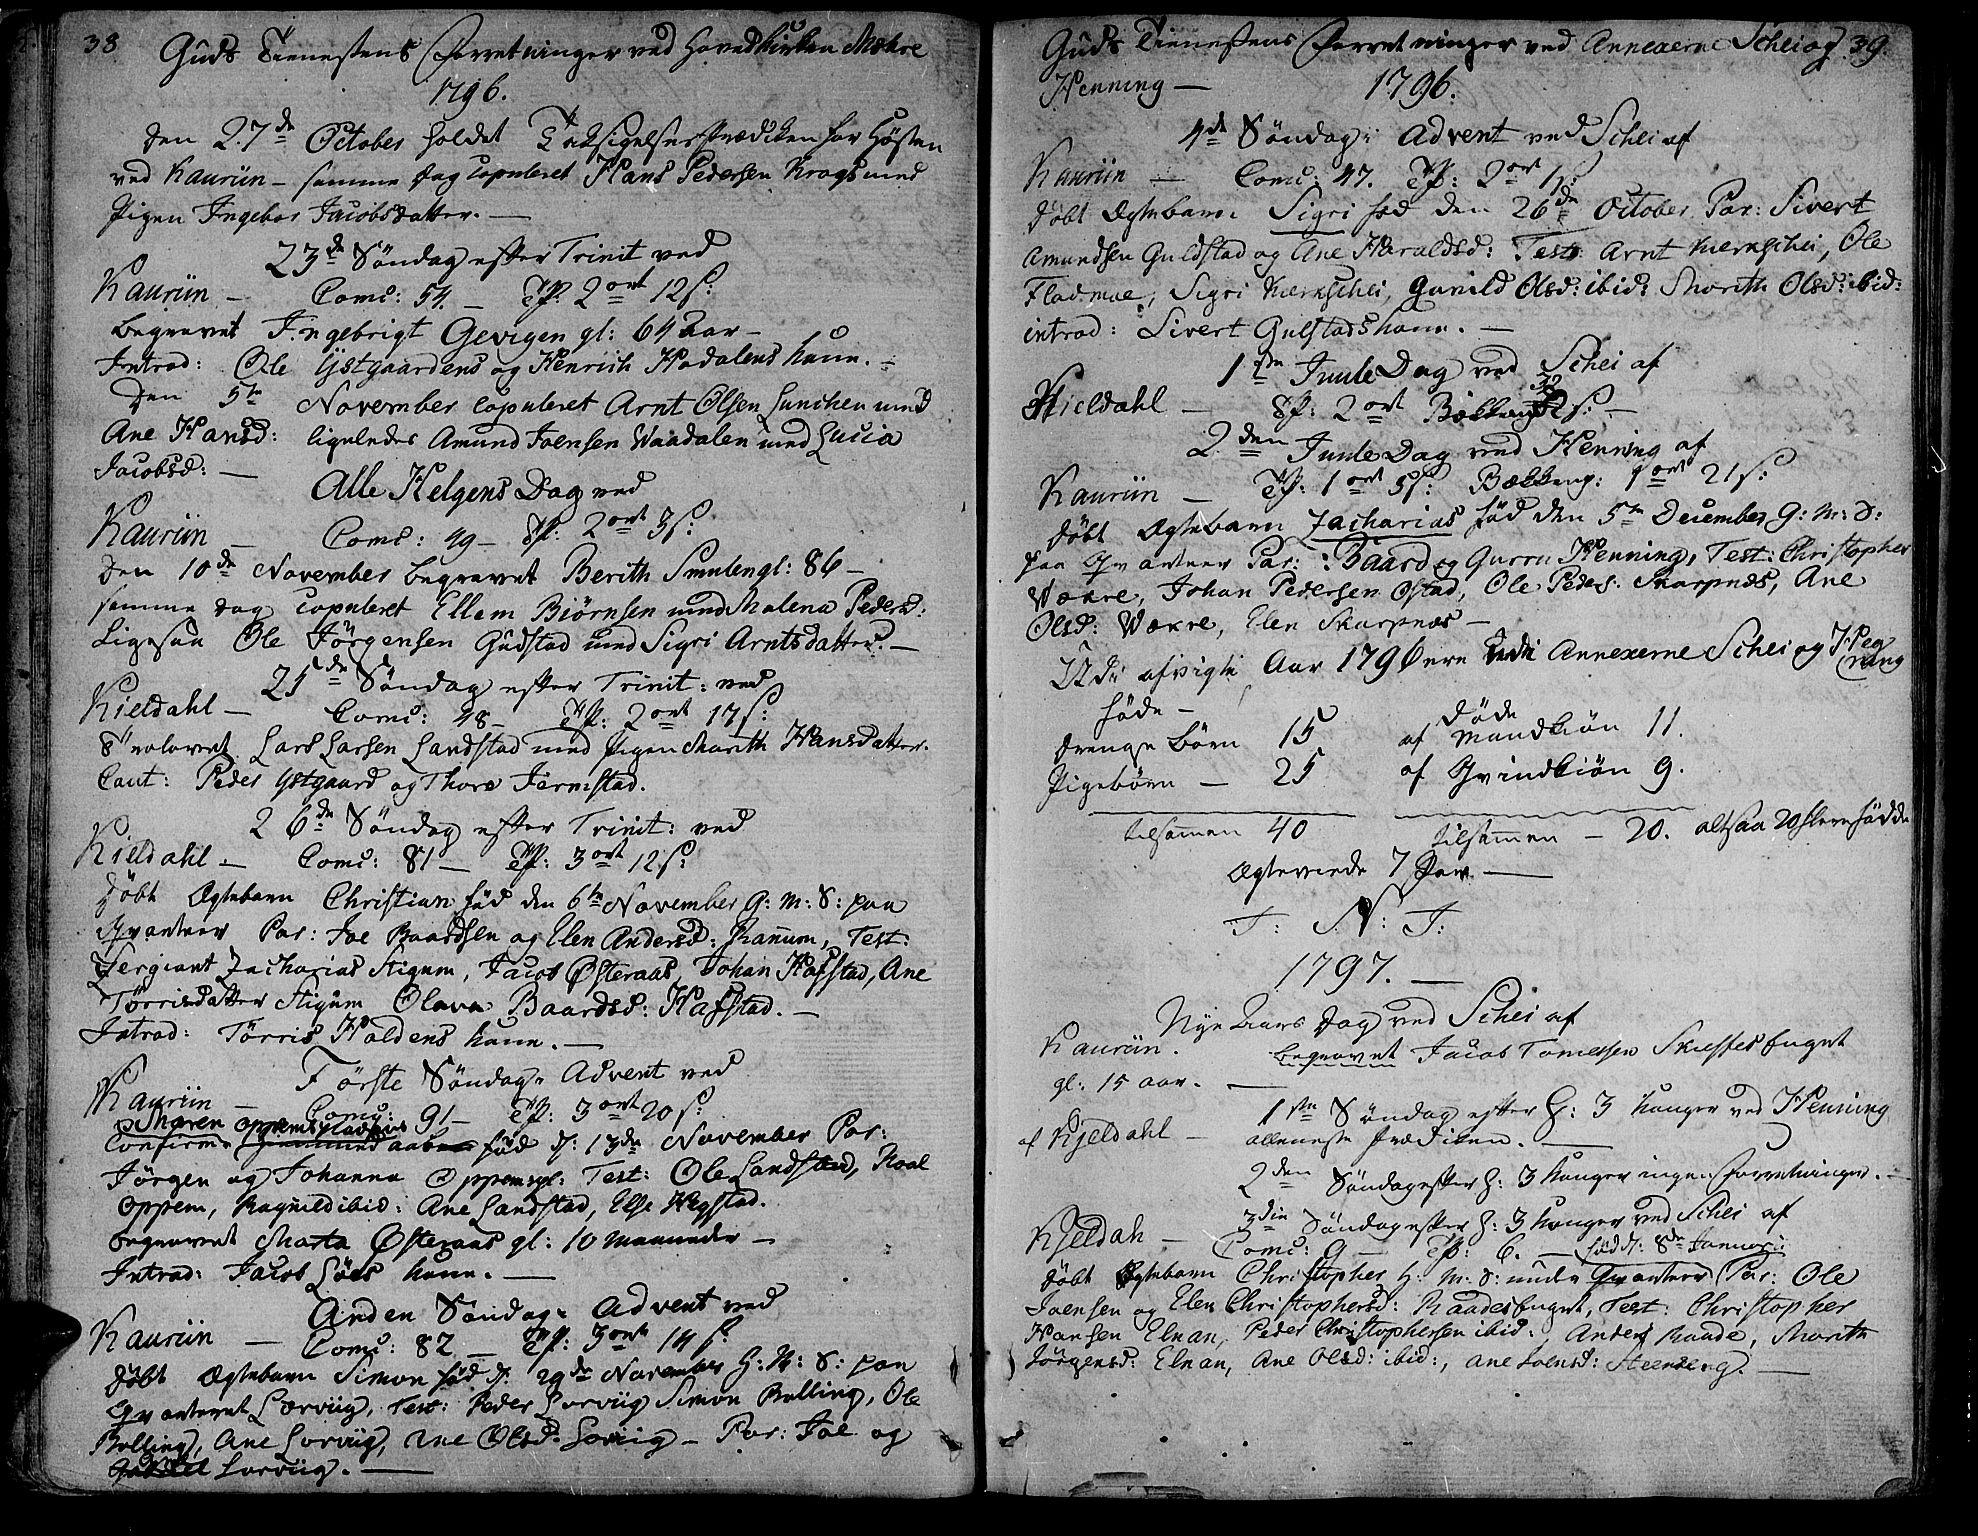 SAT, Ministerialprotokoller, klokkerbøker og fødselsregistre - Nord-Trøndelag, 735/L0332: Ministerialbok nr. 735A03, 1795-1816, s. 38-39